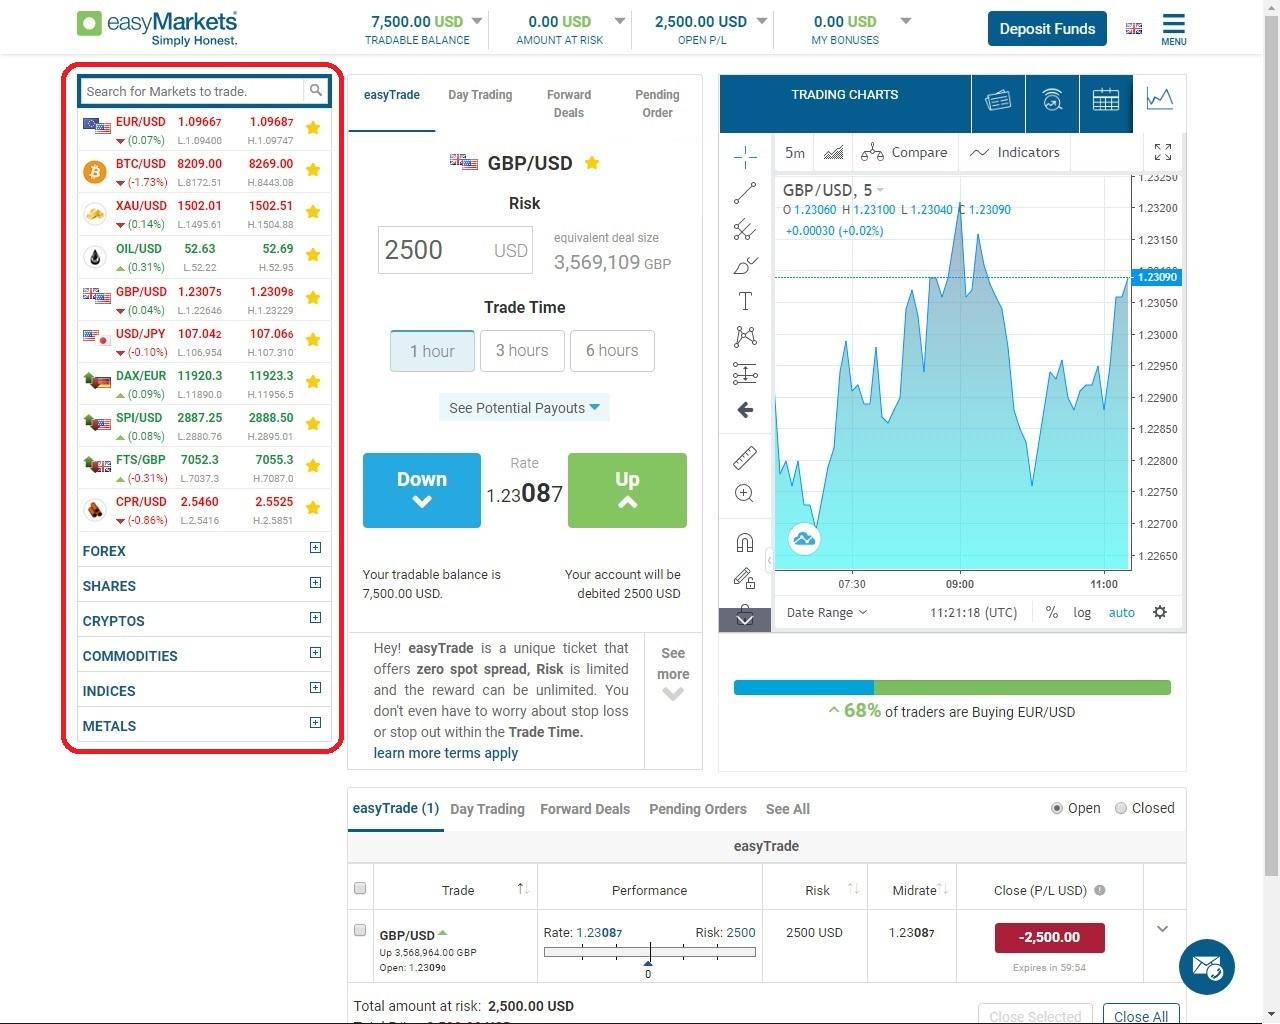 easyMarkets assets